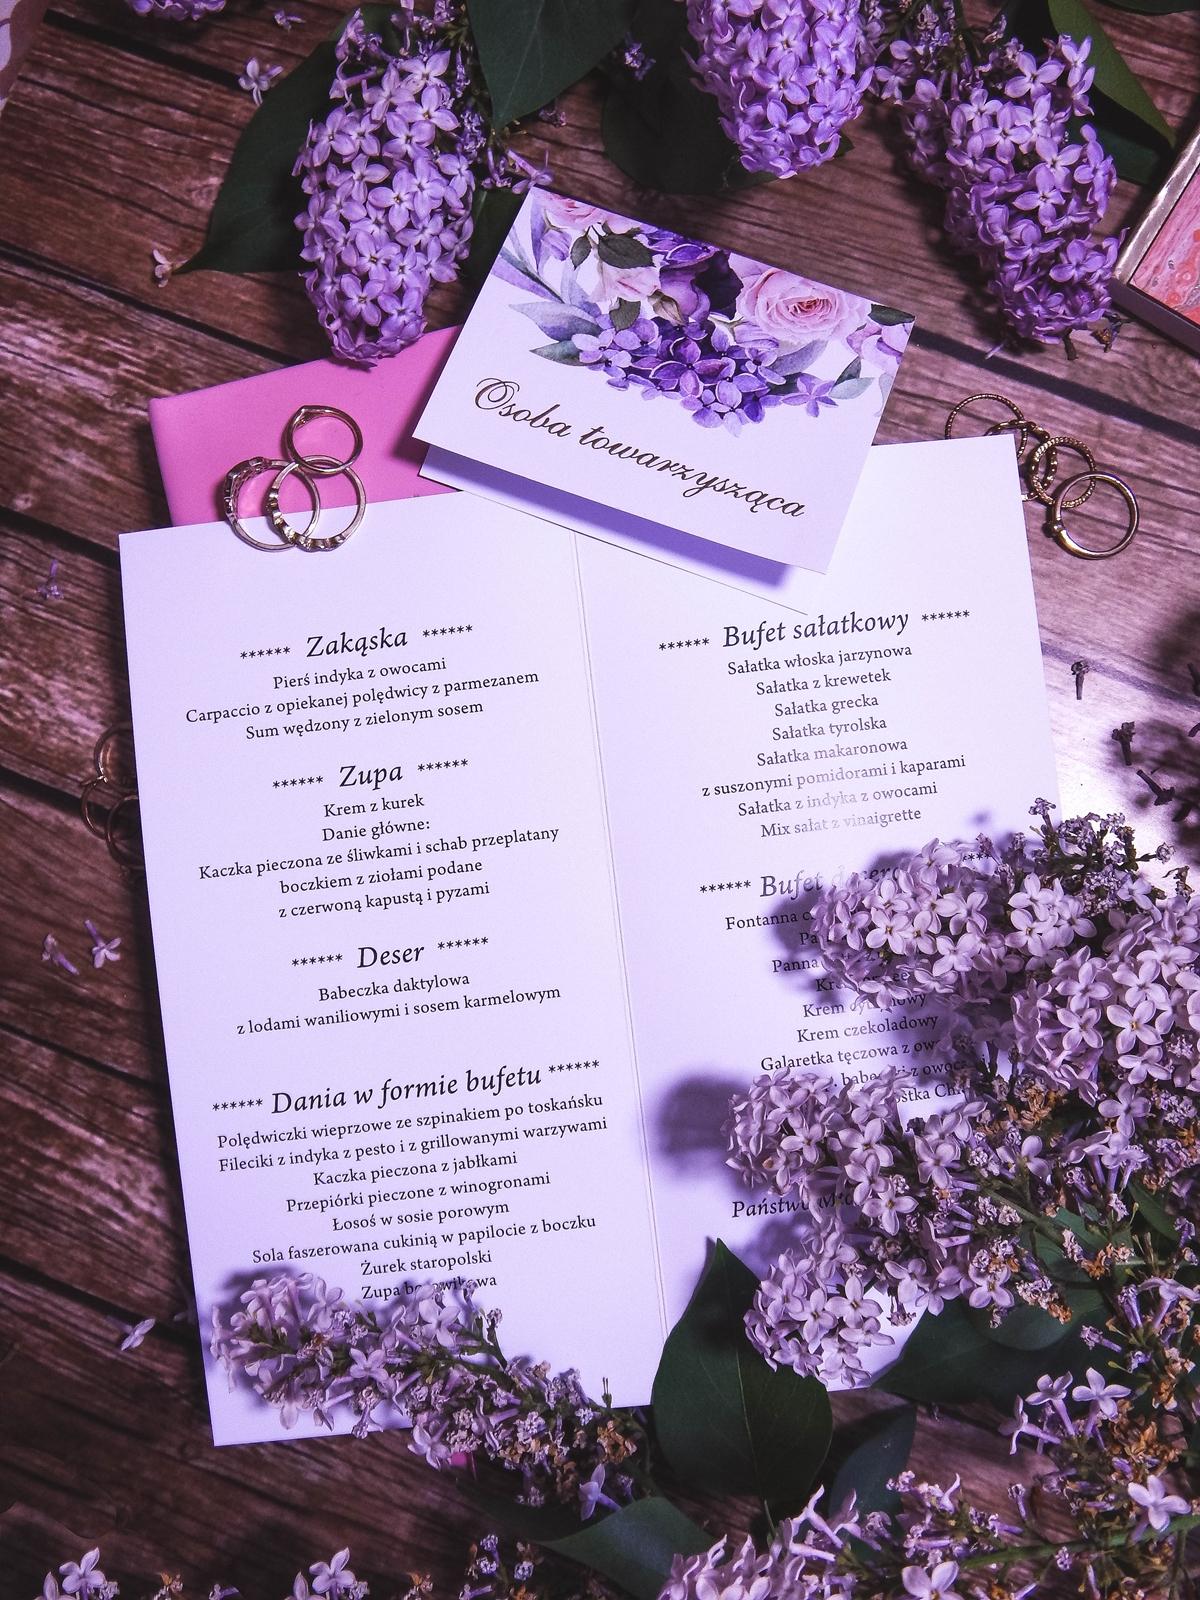 2 jak usadzić goście na weselu zasady rozsadzania gości jak dobrać winietki menu numery na stoły weselne